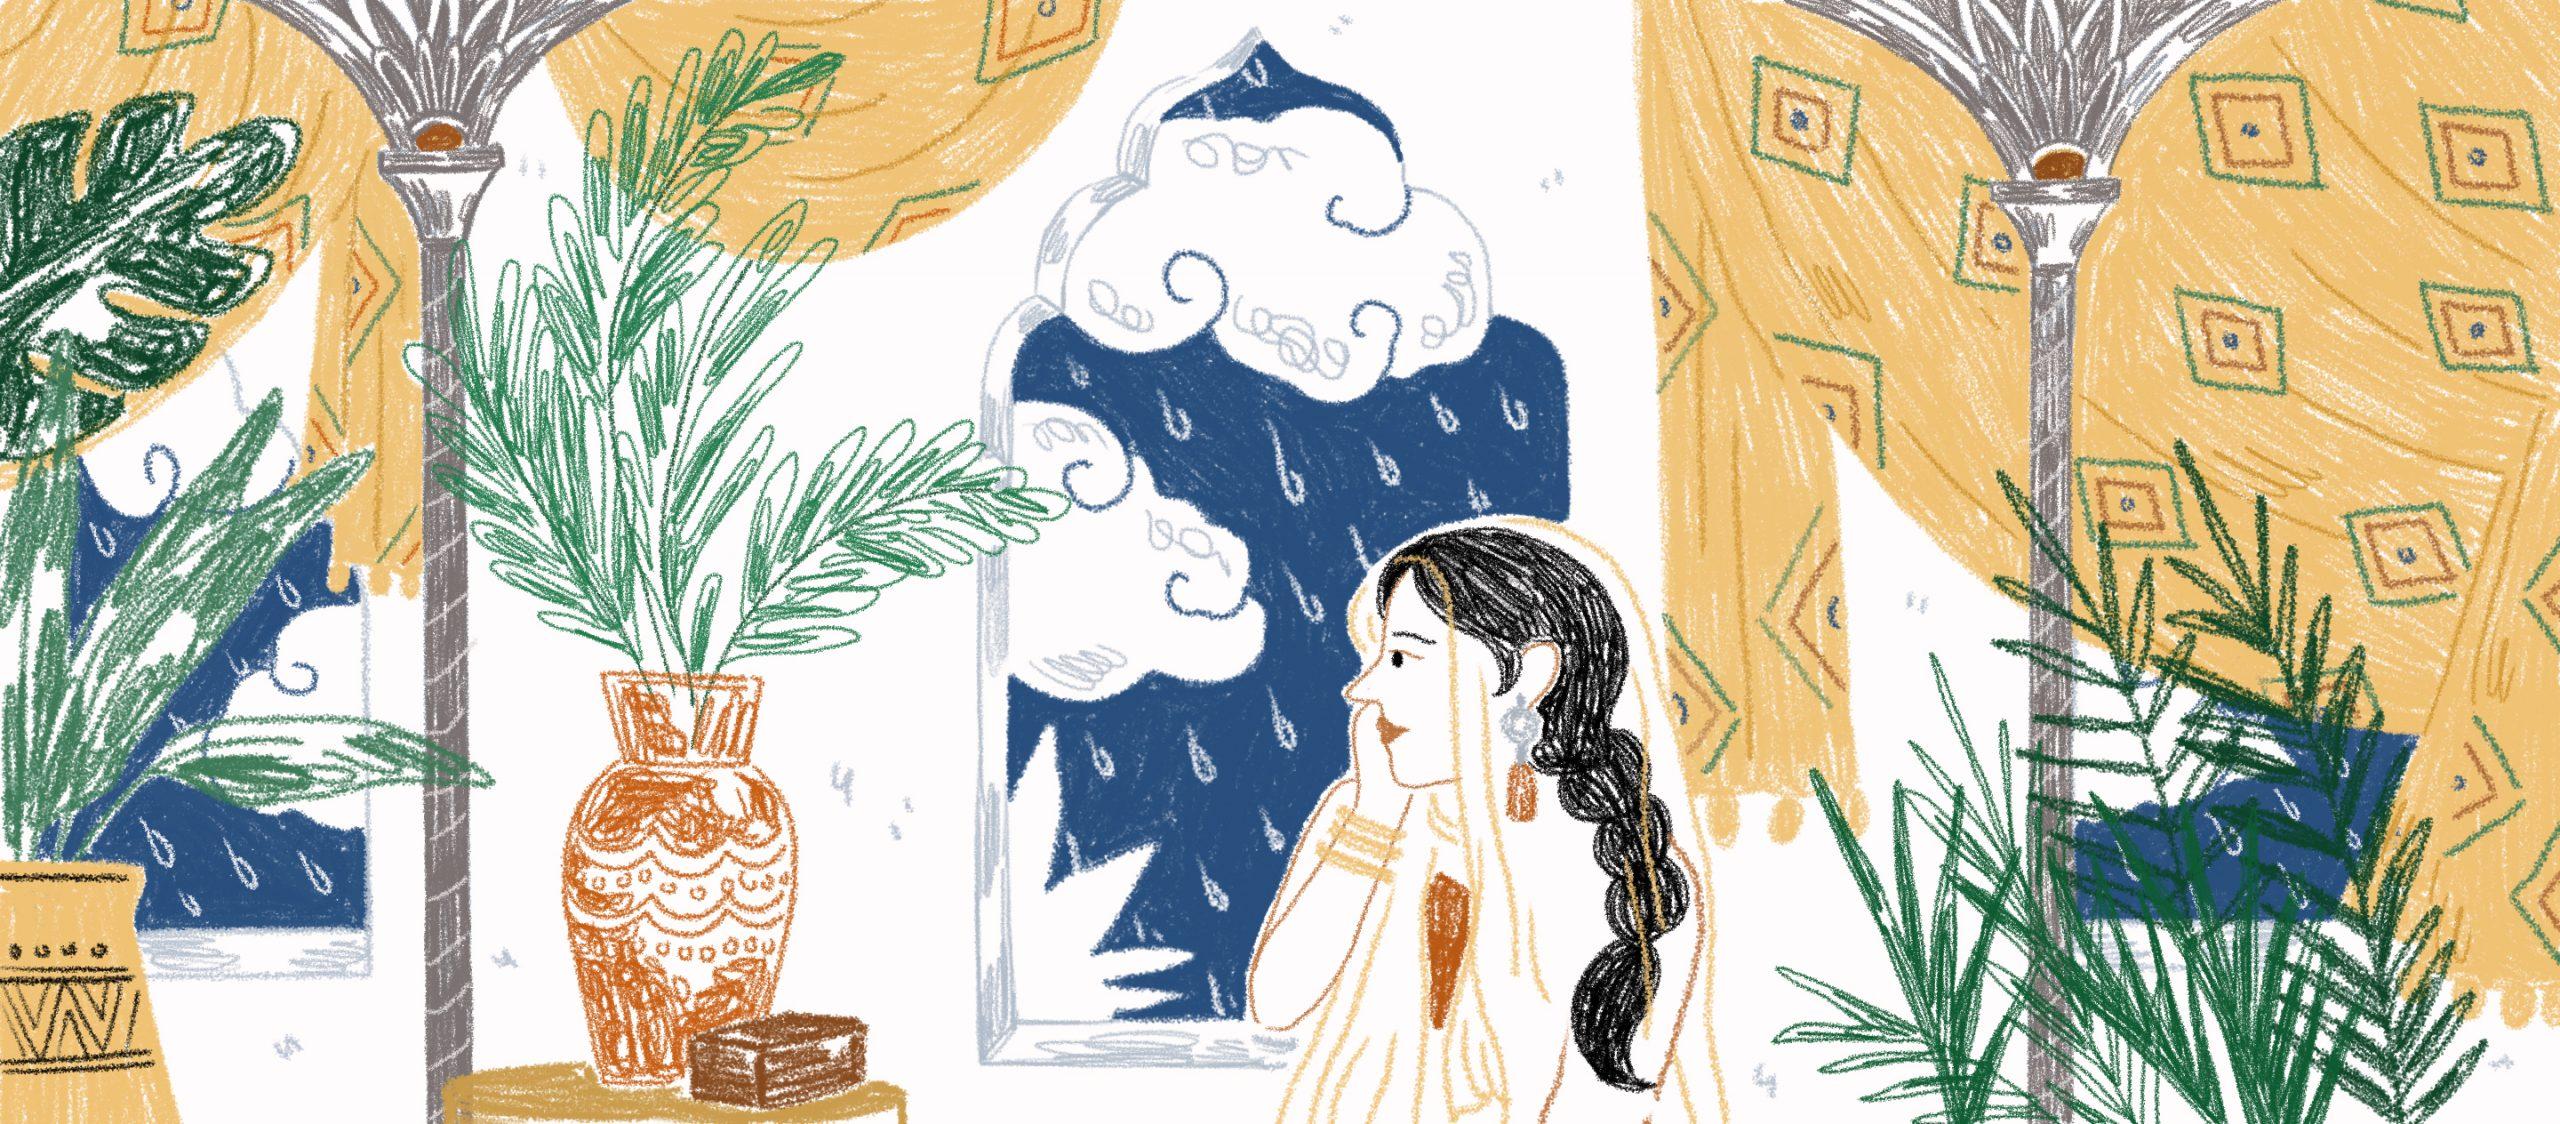 ฝนที่ตกทางโน้นหนาวถึงคนทางนี้ไหม ความหมายของสายฝนและการบอกรักในวรรณคดีสันสกฤต